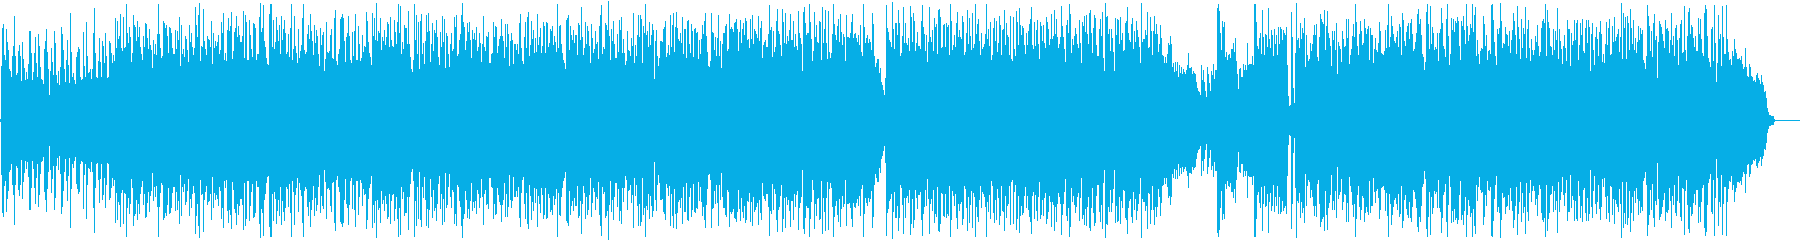 【バンドのみ】攻撃的なHR/HMの再生済みの波形